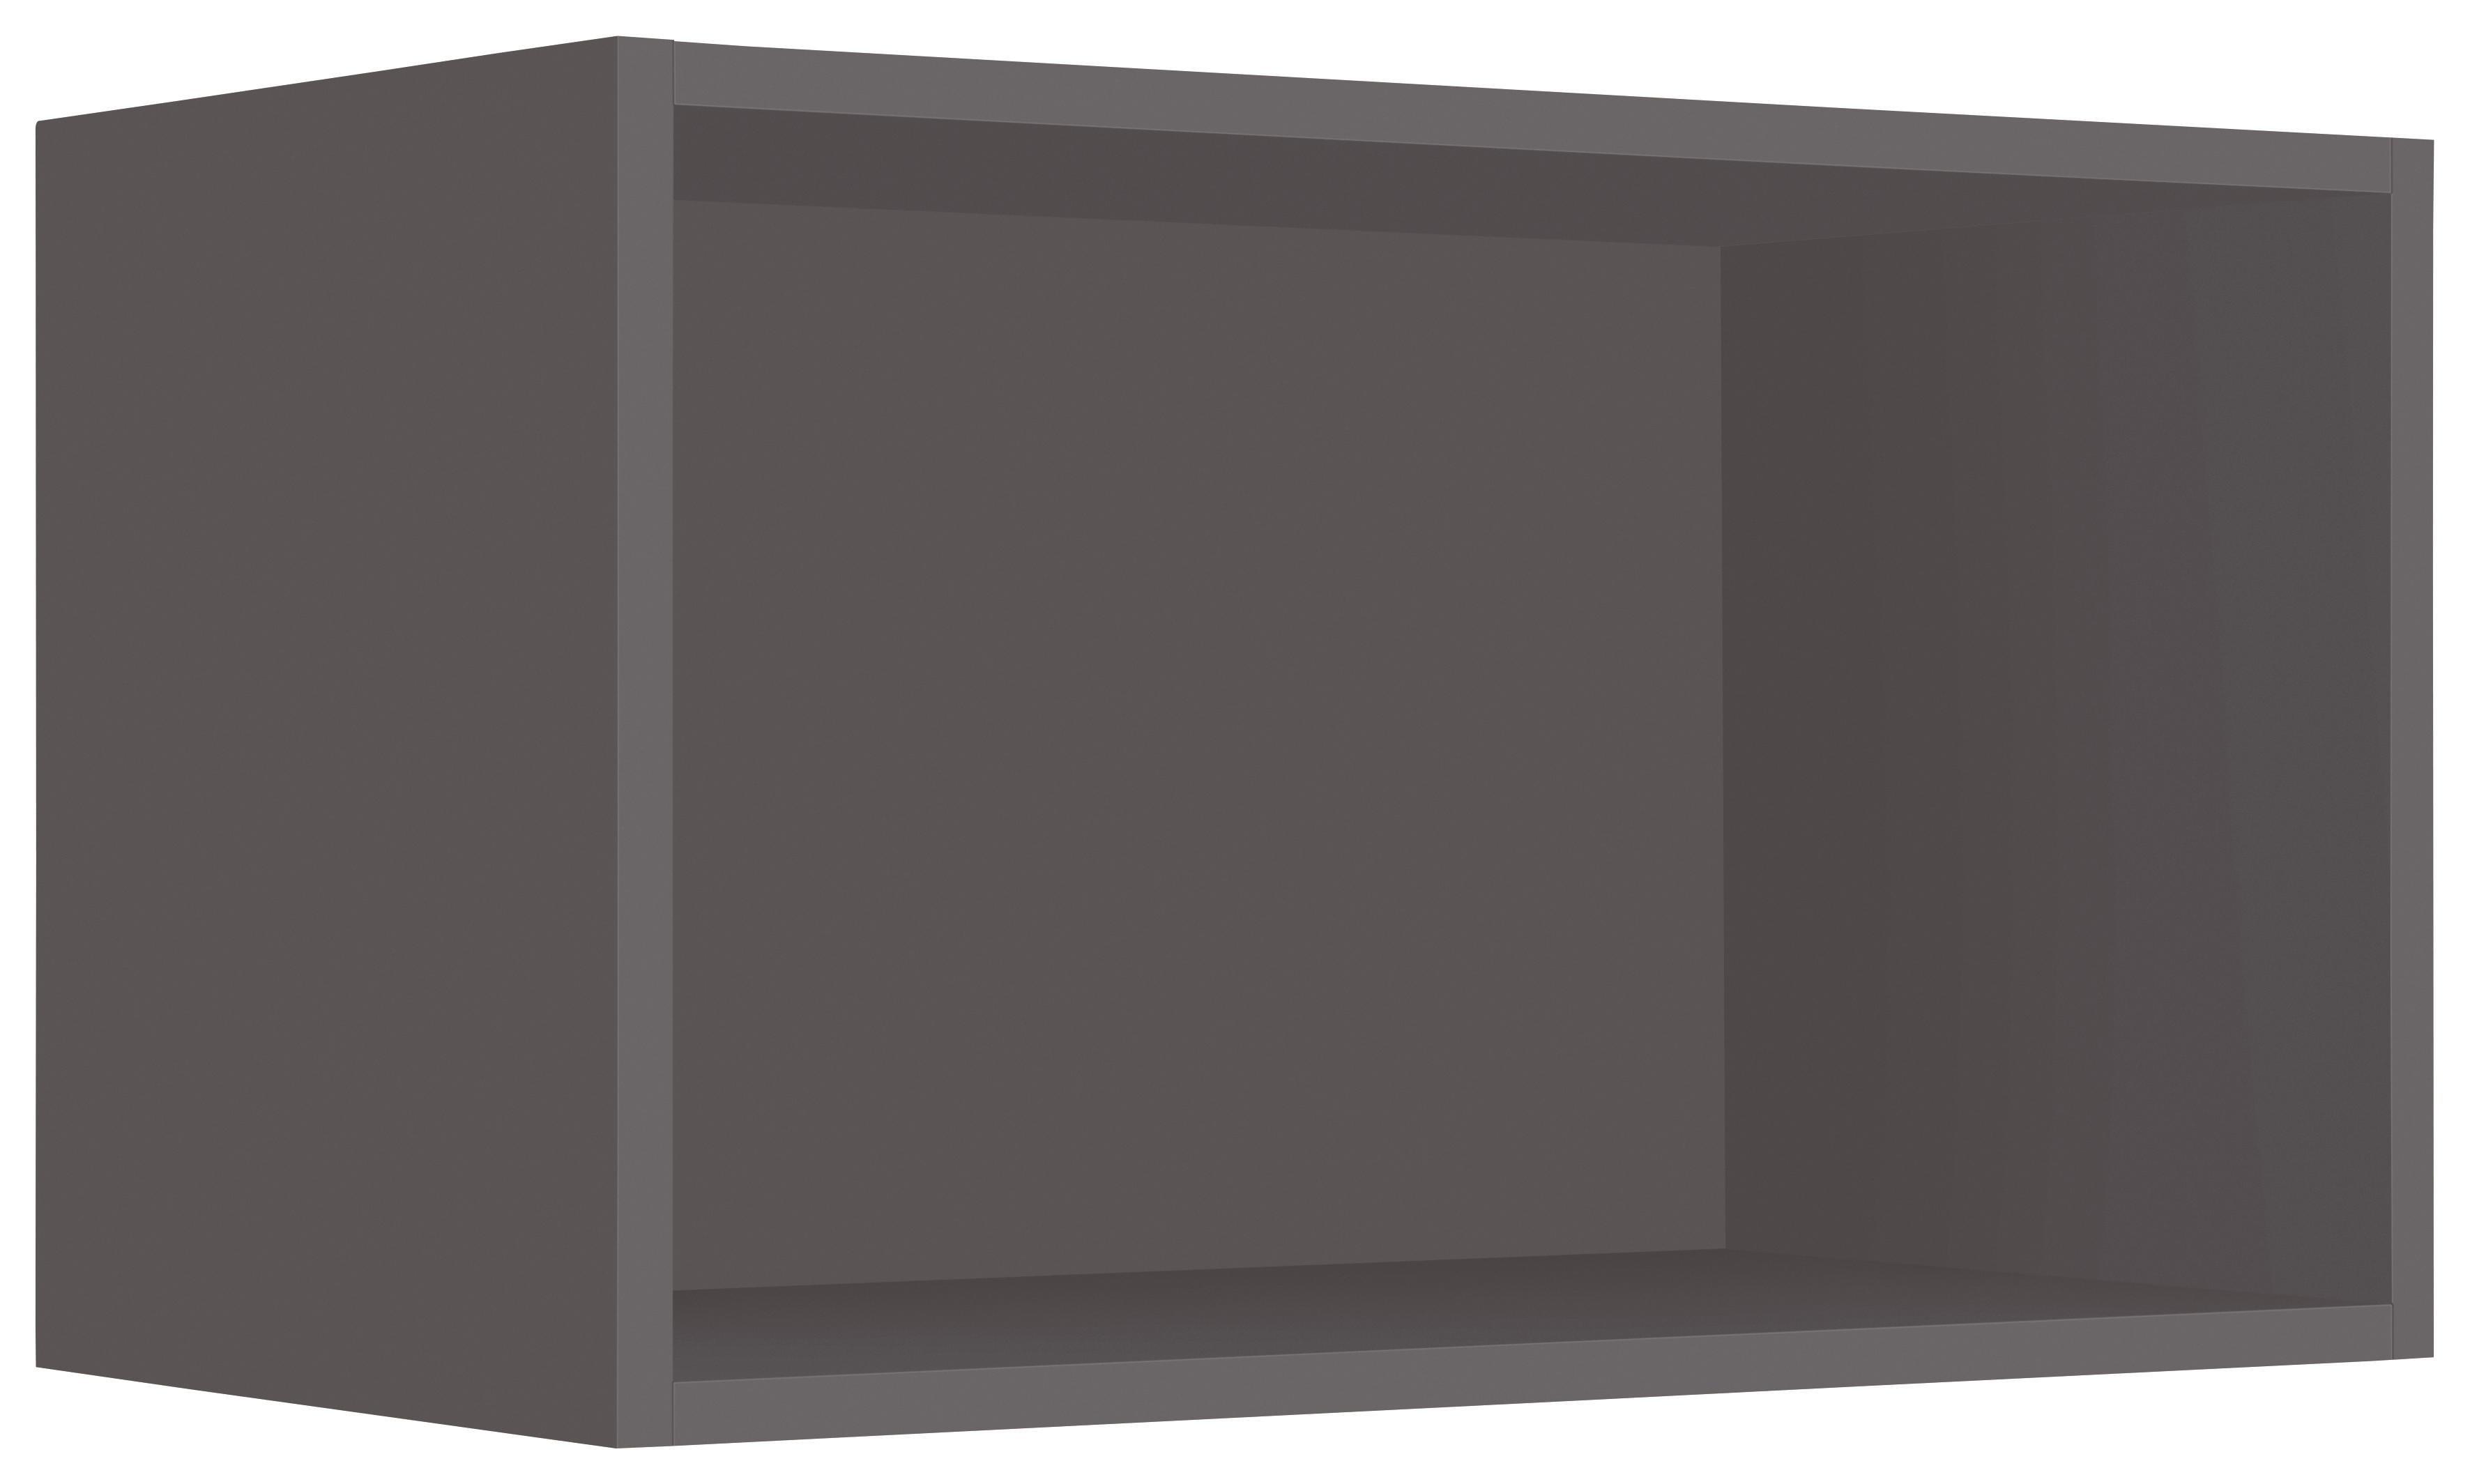 WIHO-Küchen Hängeregal Flexi2 Breite 60 cm   Küche und Esszimmer > Küchenregale > Küchen-Standregale   Grau   Melamin   Wiho Küchen